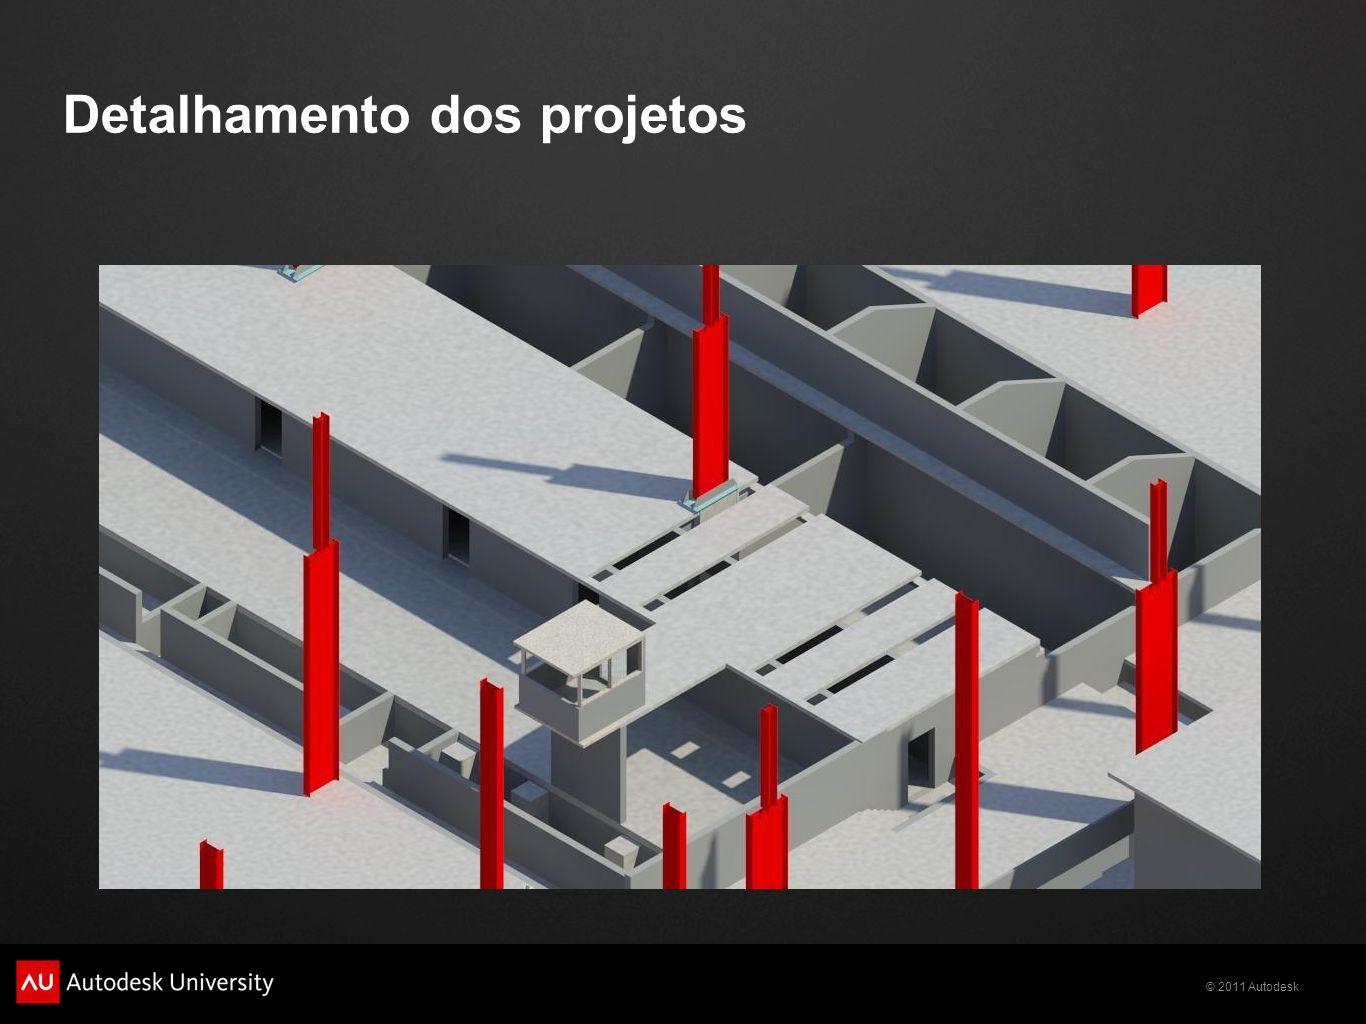 Detalhamento dos projetos